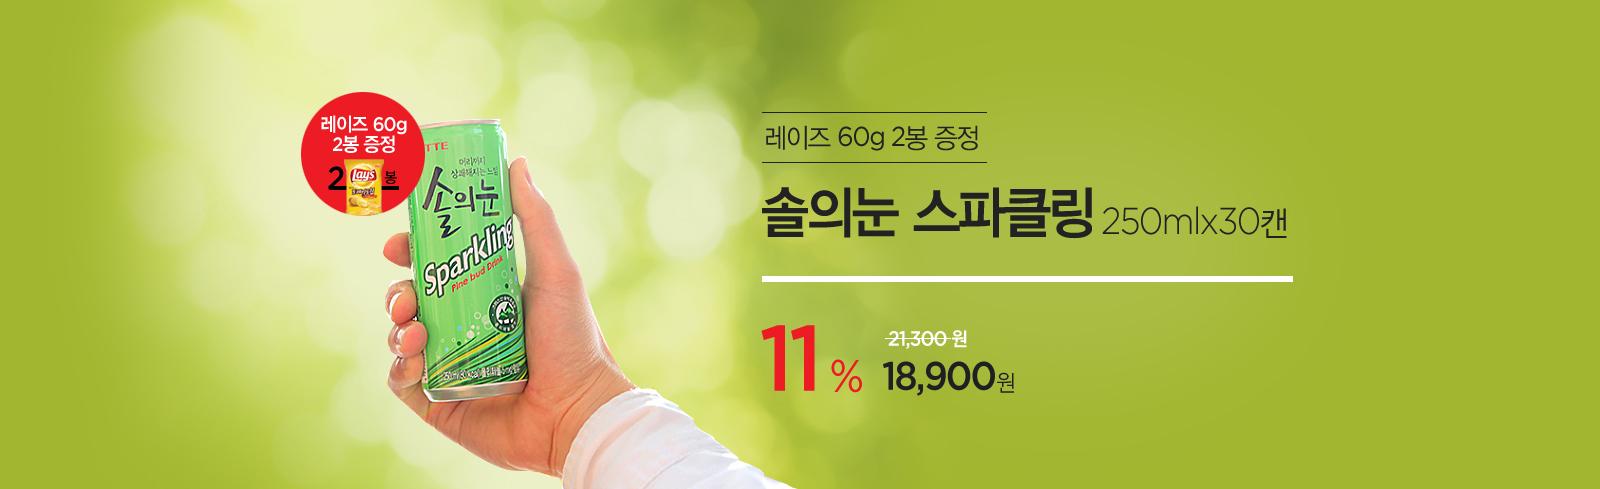 솔의눈250